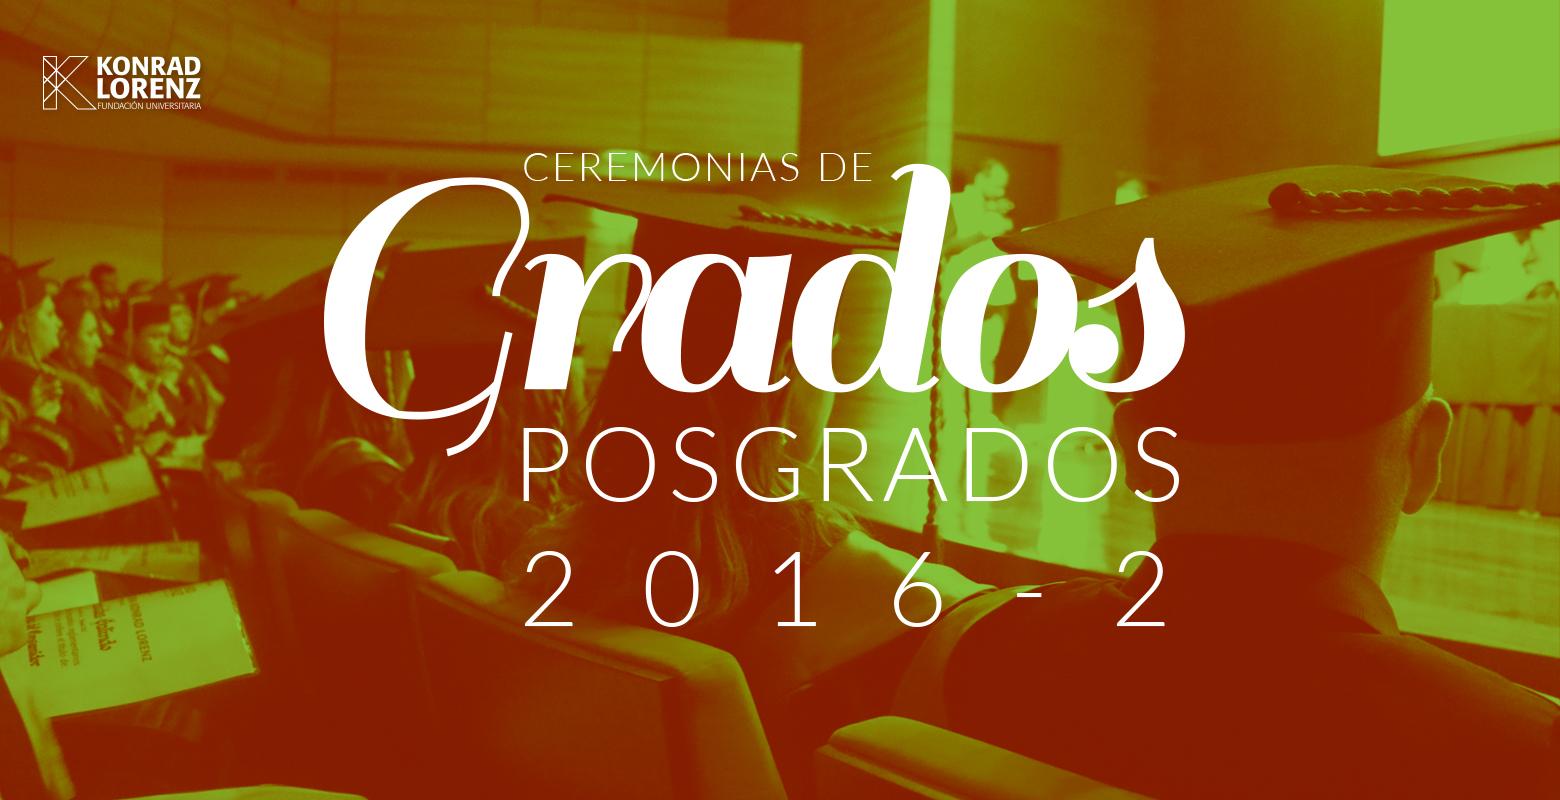 Grados Posgrados 2016-2